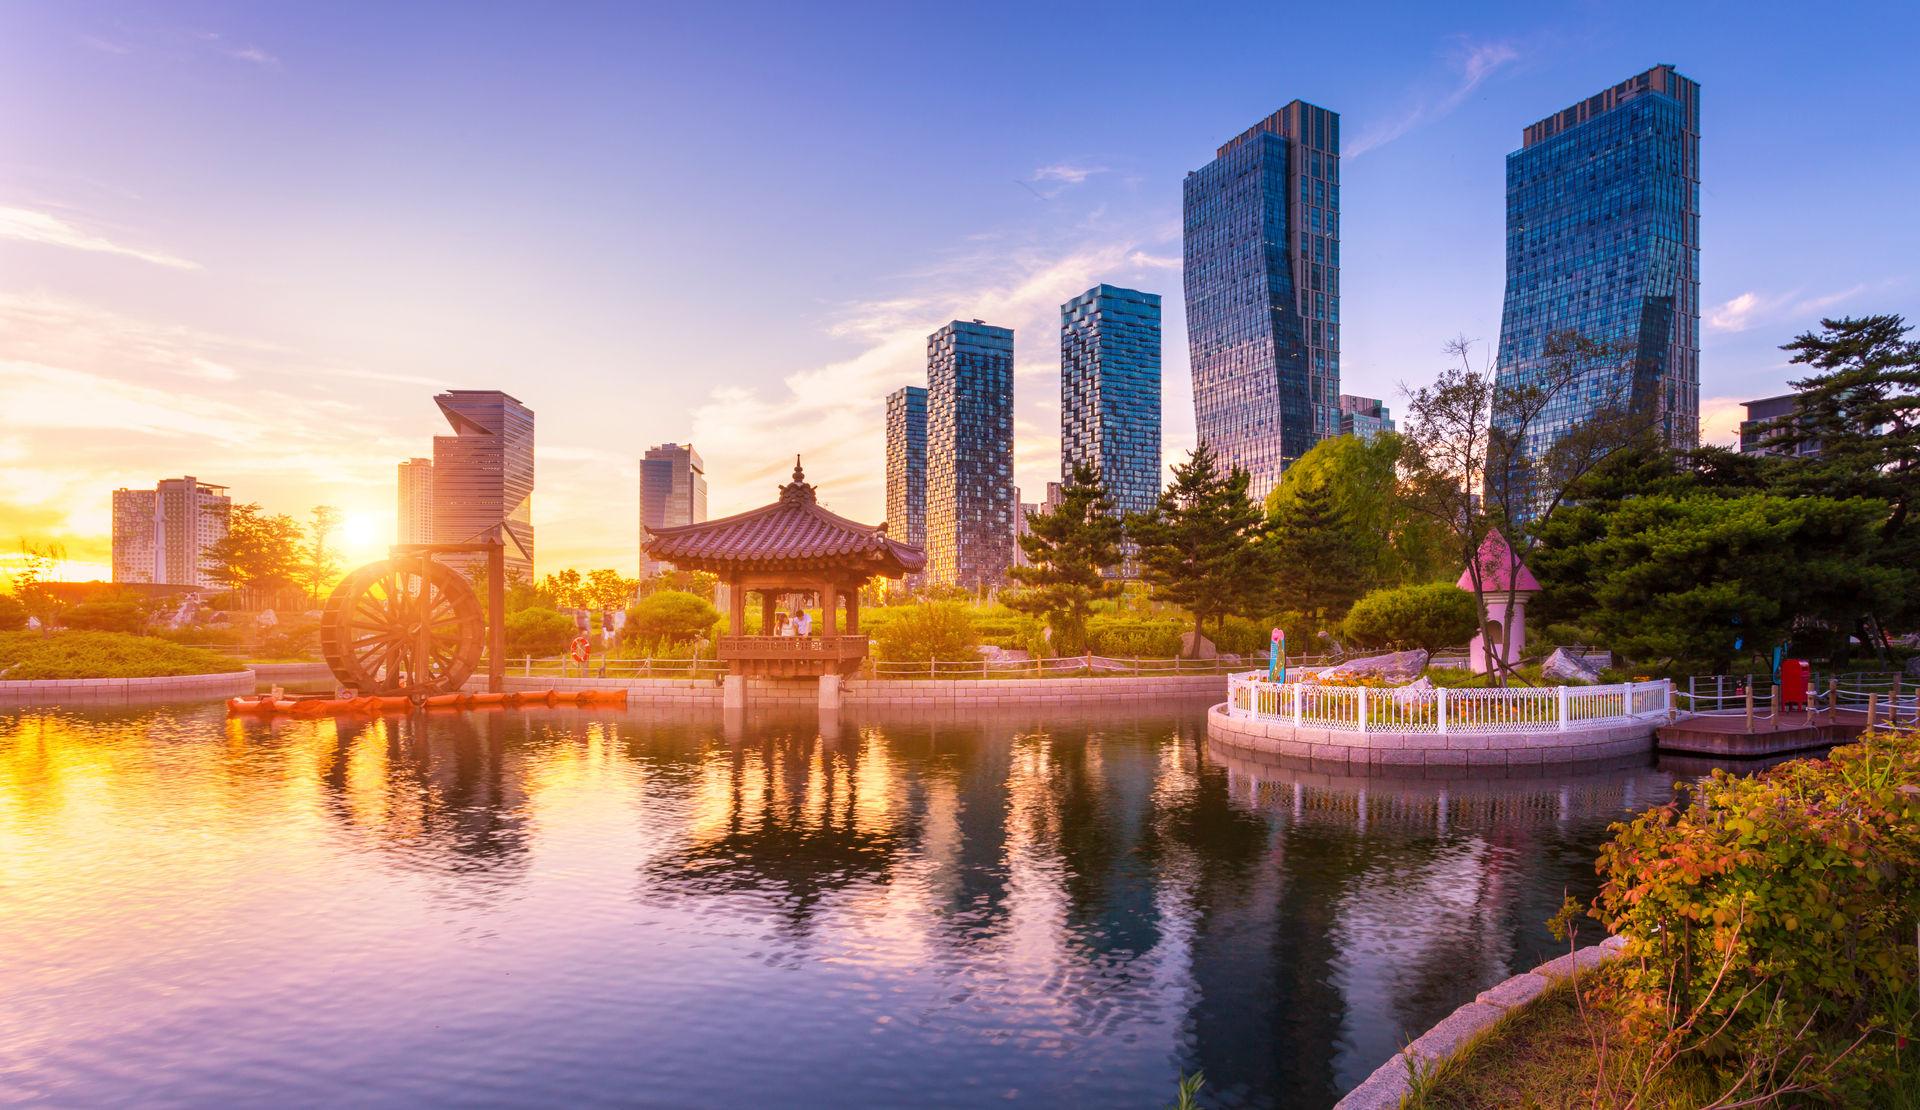 Combiné 3 capitales asiatiques incroyables 3* : Pékin, Séoul et Tokyo